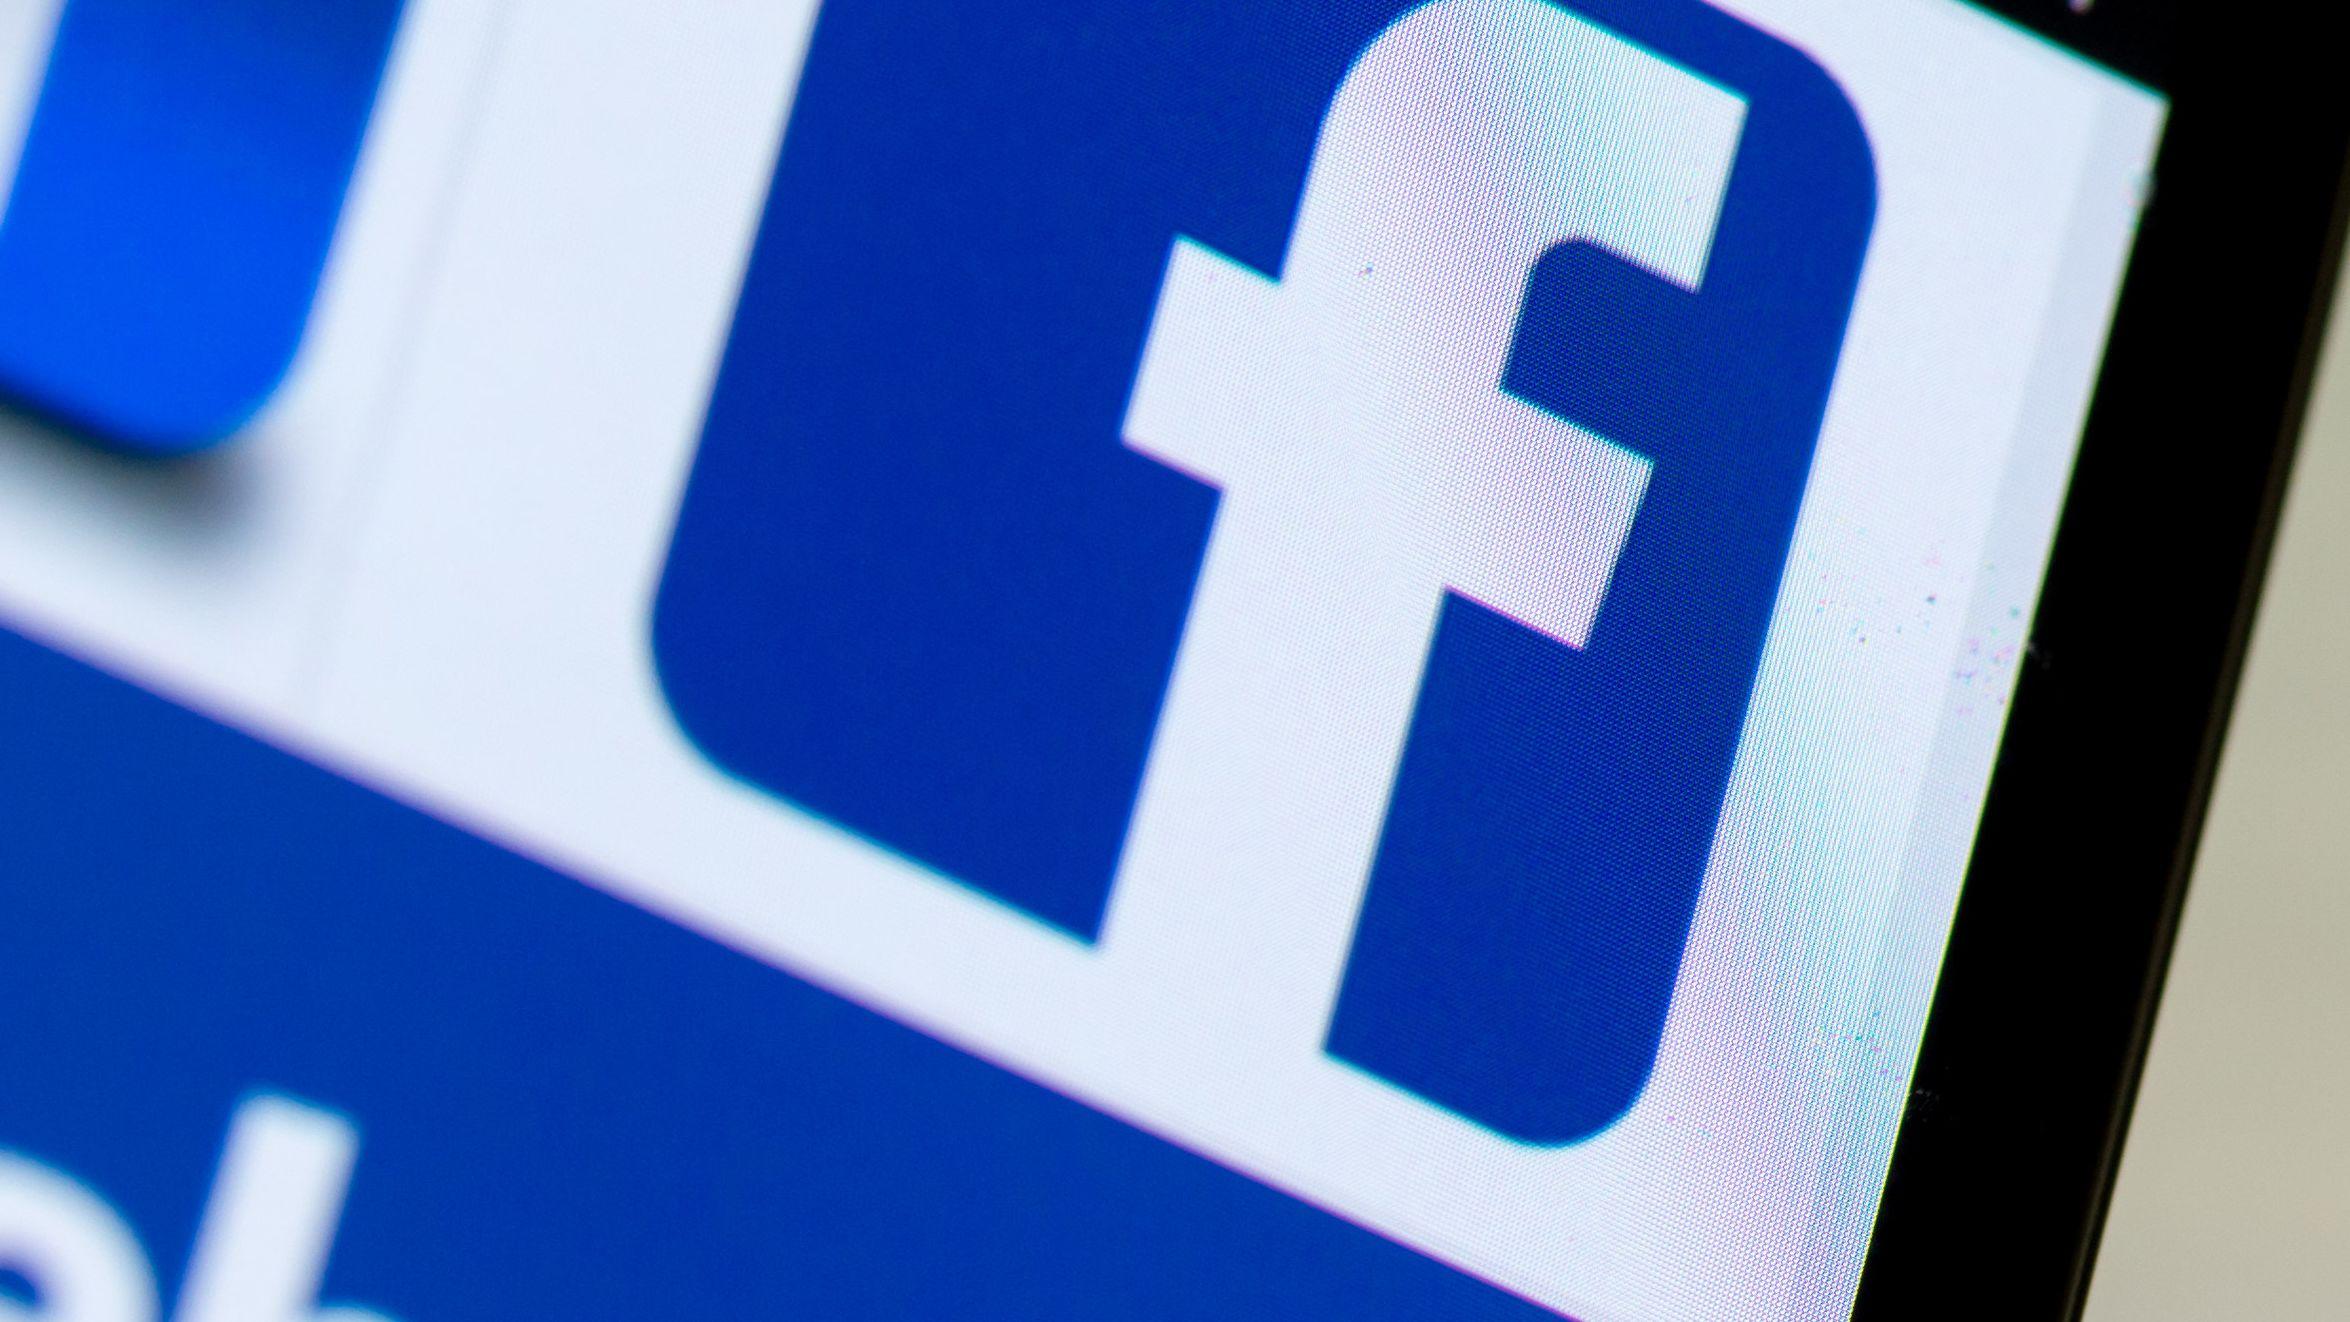 Offenbar sind Millionen von Facebook-Nutzerdaten in Netz abrufbar gewesen.